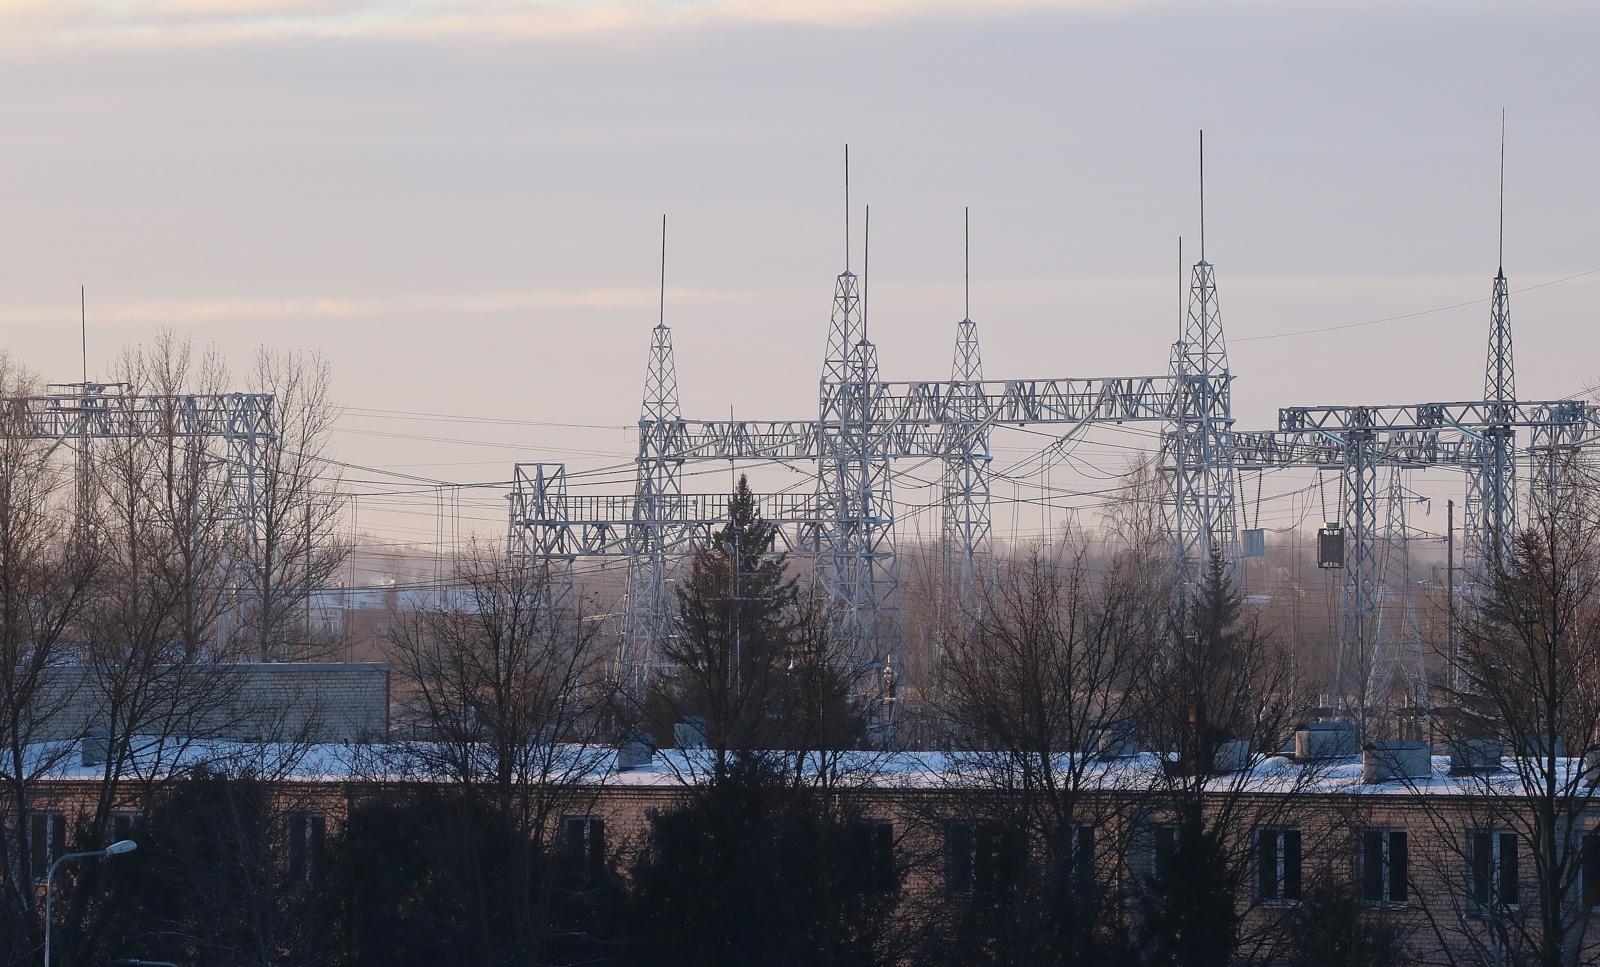 Bus atsisakyta elektros kainų reguliavimo: vartotojai galės savo nuožiūra pasirinkti vieną iš keturių tiekėjų